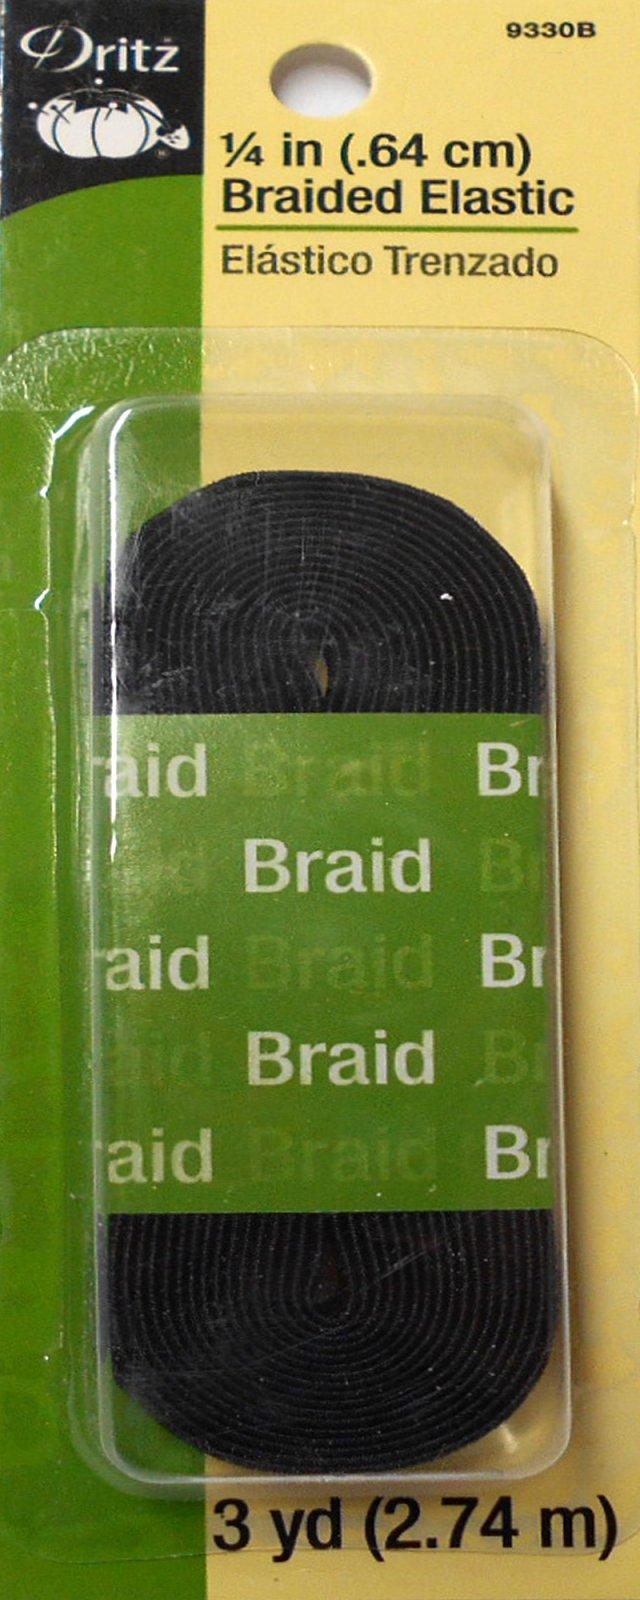 Black Braided Elastic 1/4in x 3yds (9330B)